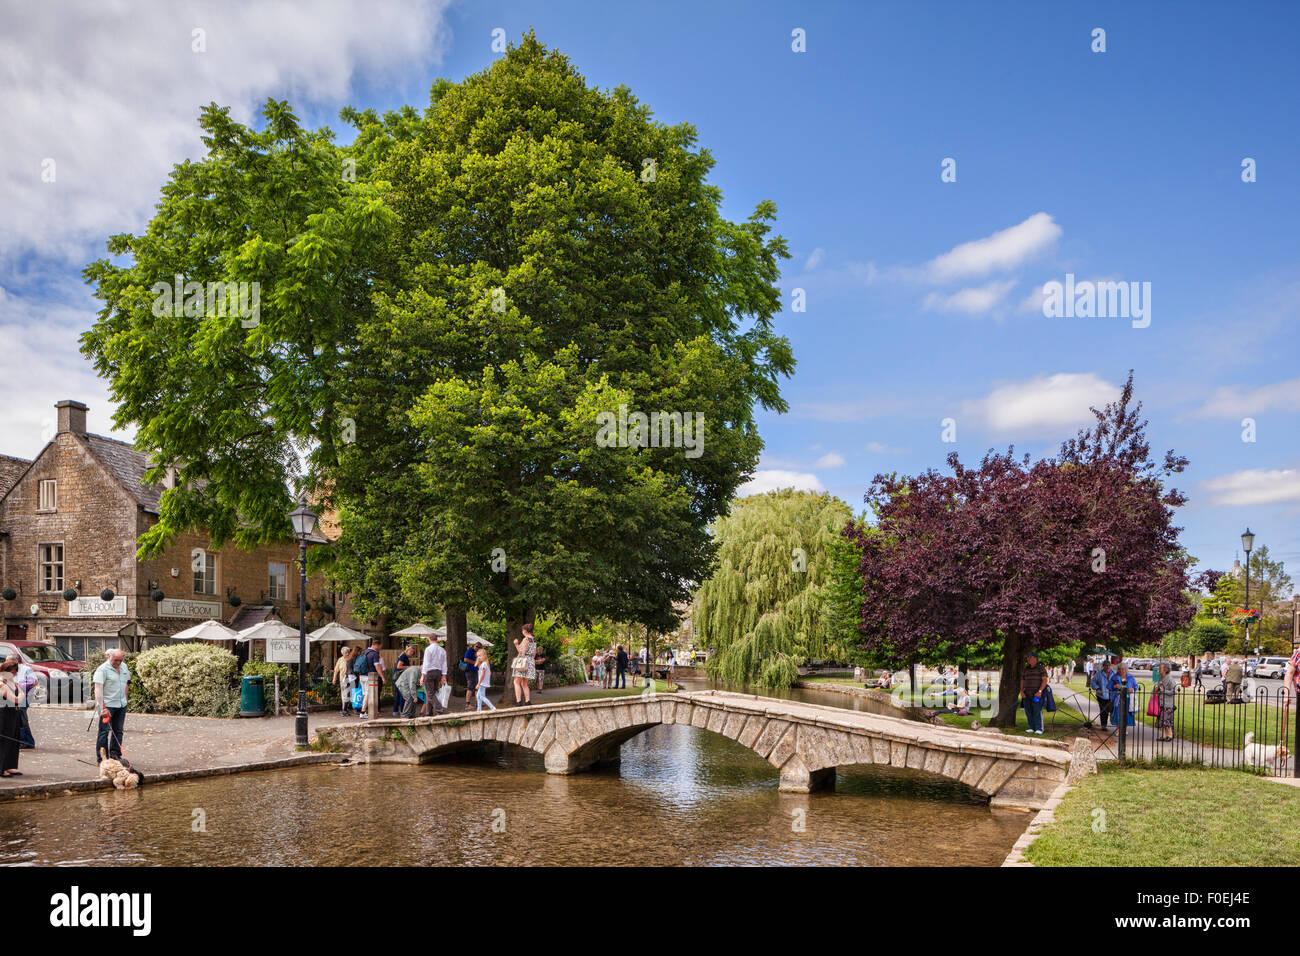 Una tarde de verano en la aldea de Cotswold Bourton-on-the-agua, Gloucestershire, Inglaterra. Foto de stock